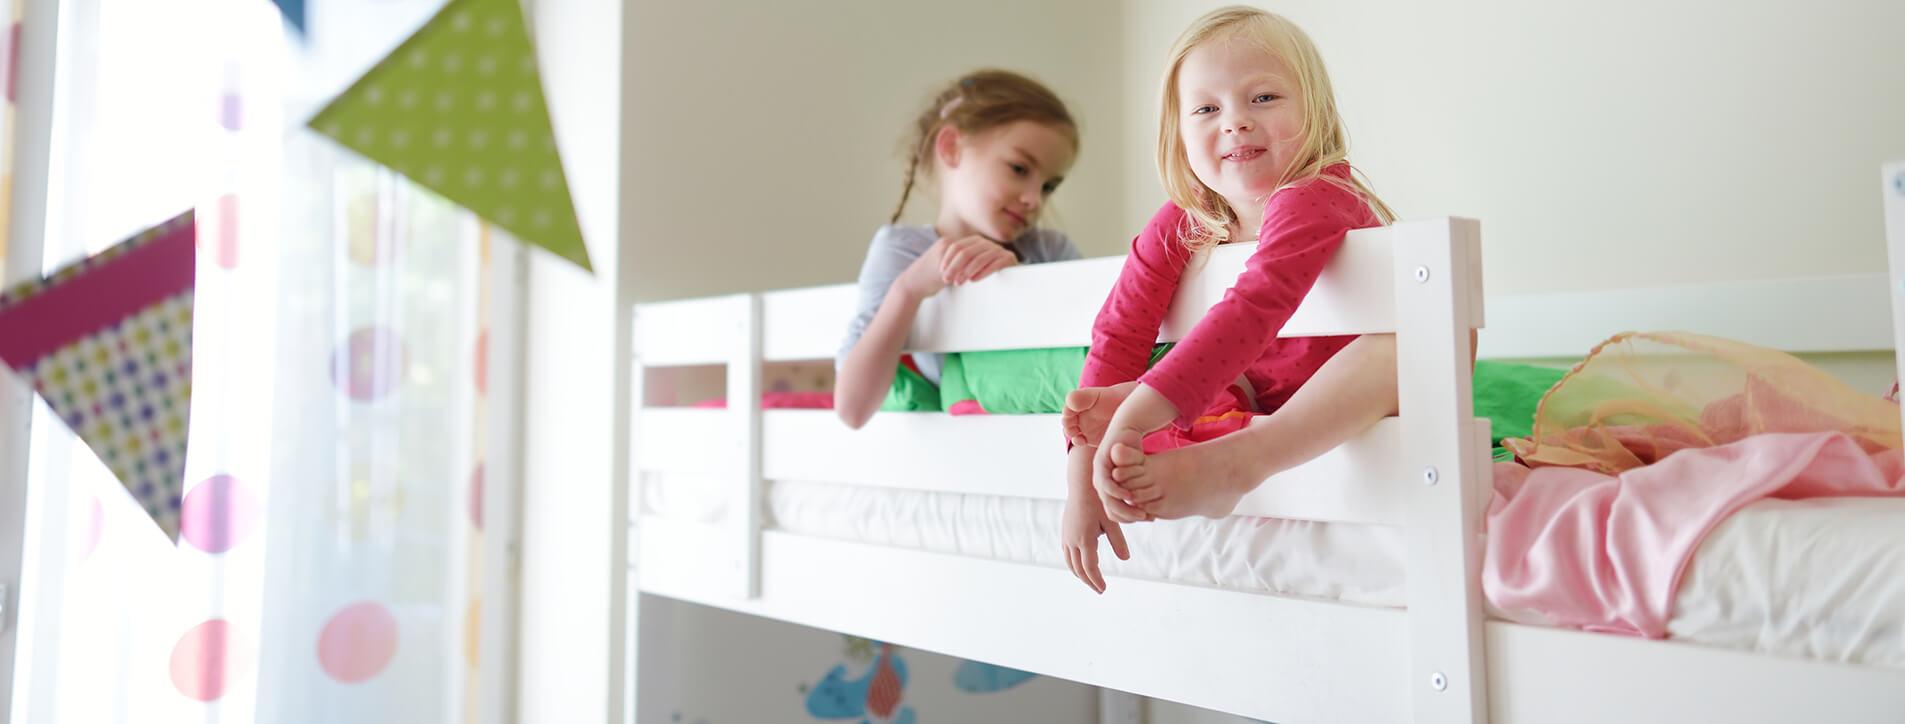 kindermatratzen kaufen im m belmarkt dogern. Black Bedroom Furniture Sets. Home Design Ideas